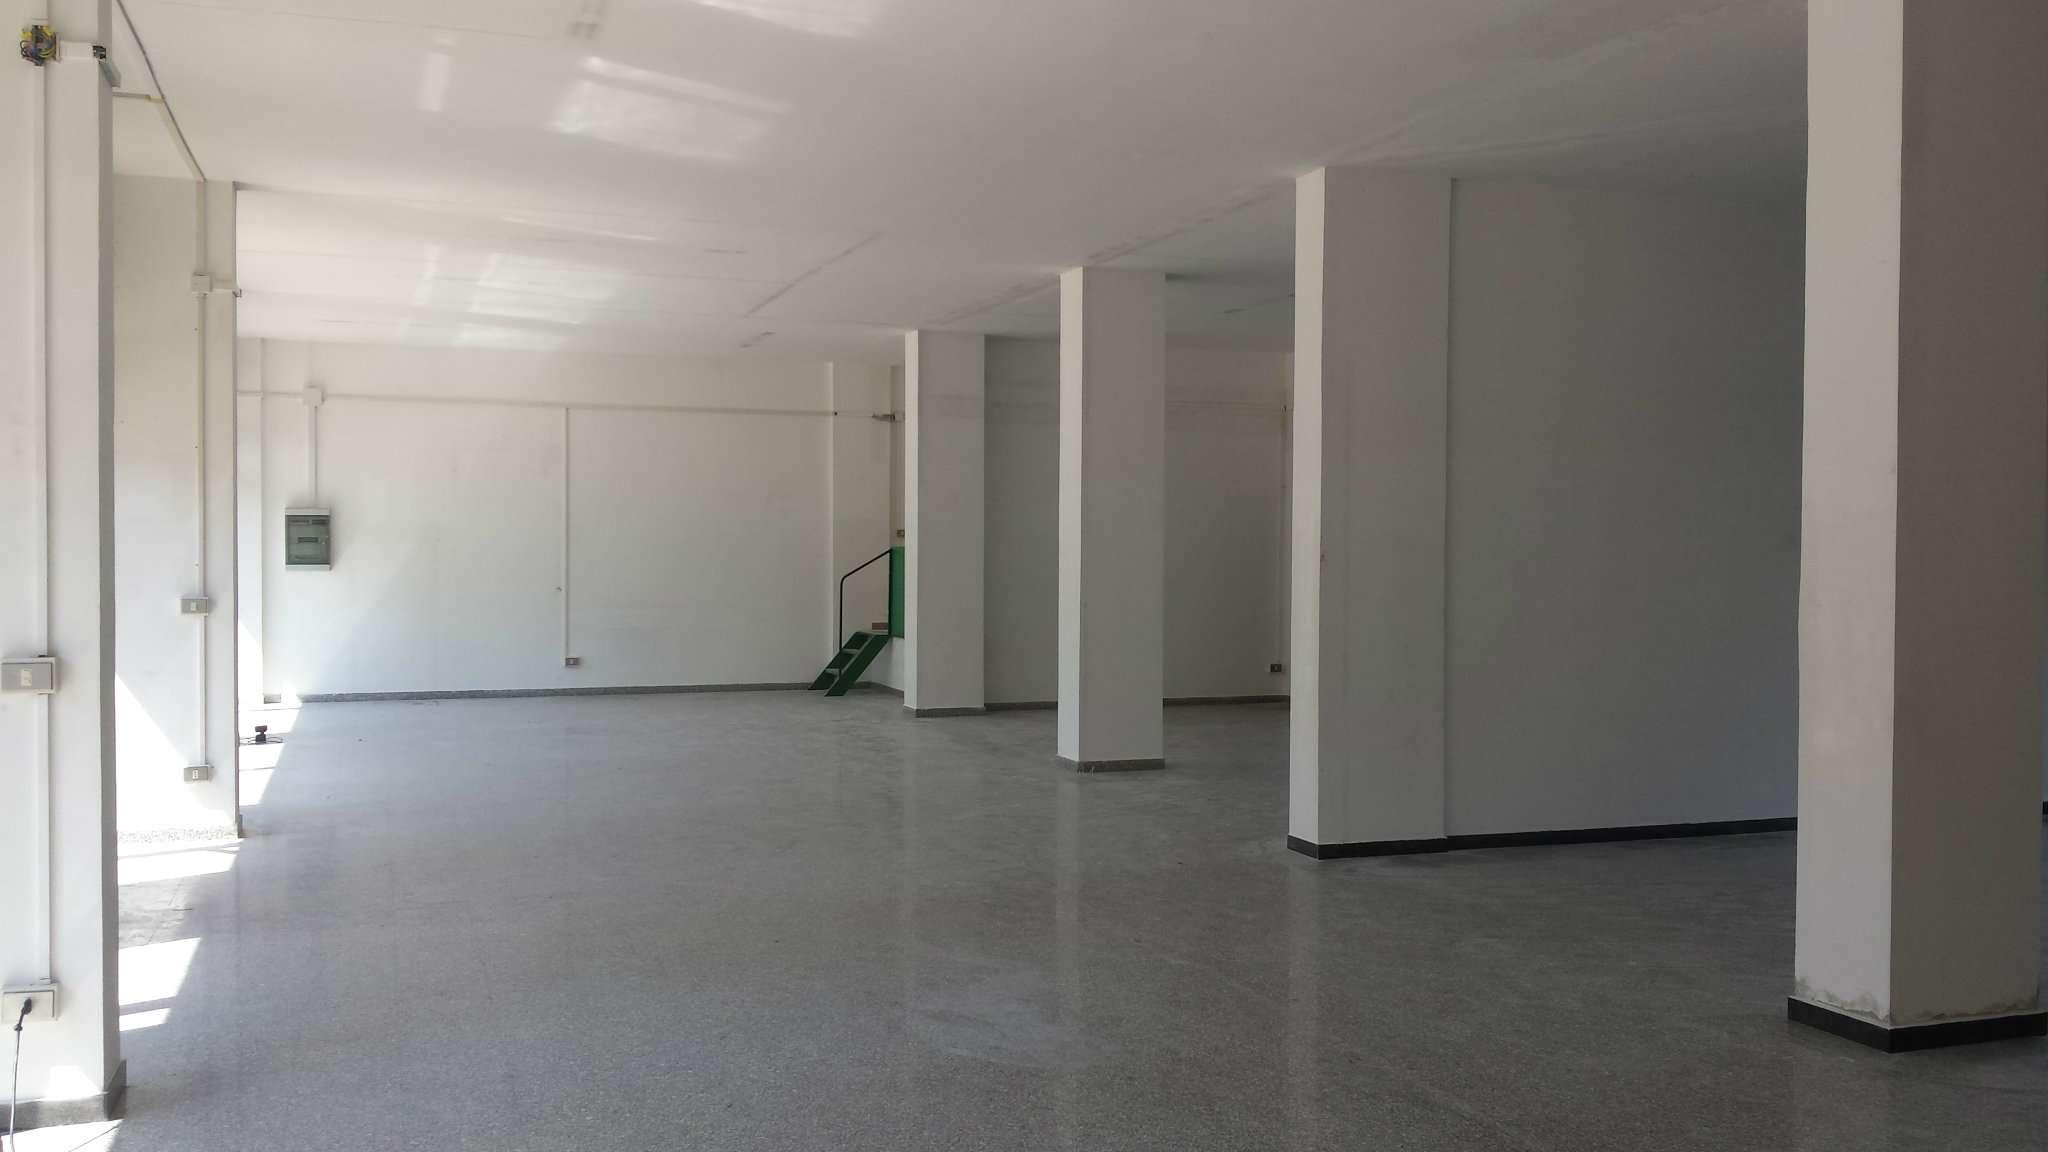 Negozio / Locale in affitto a Taranto, 9999 locali, prezzo € 1.300 | CambioCasa.it